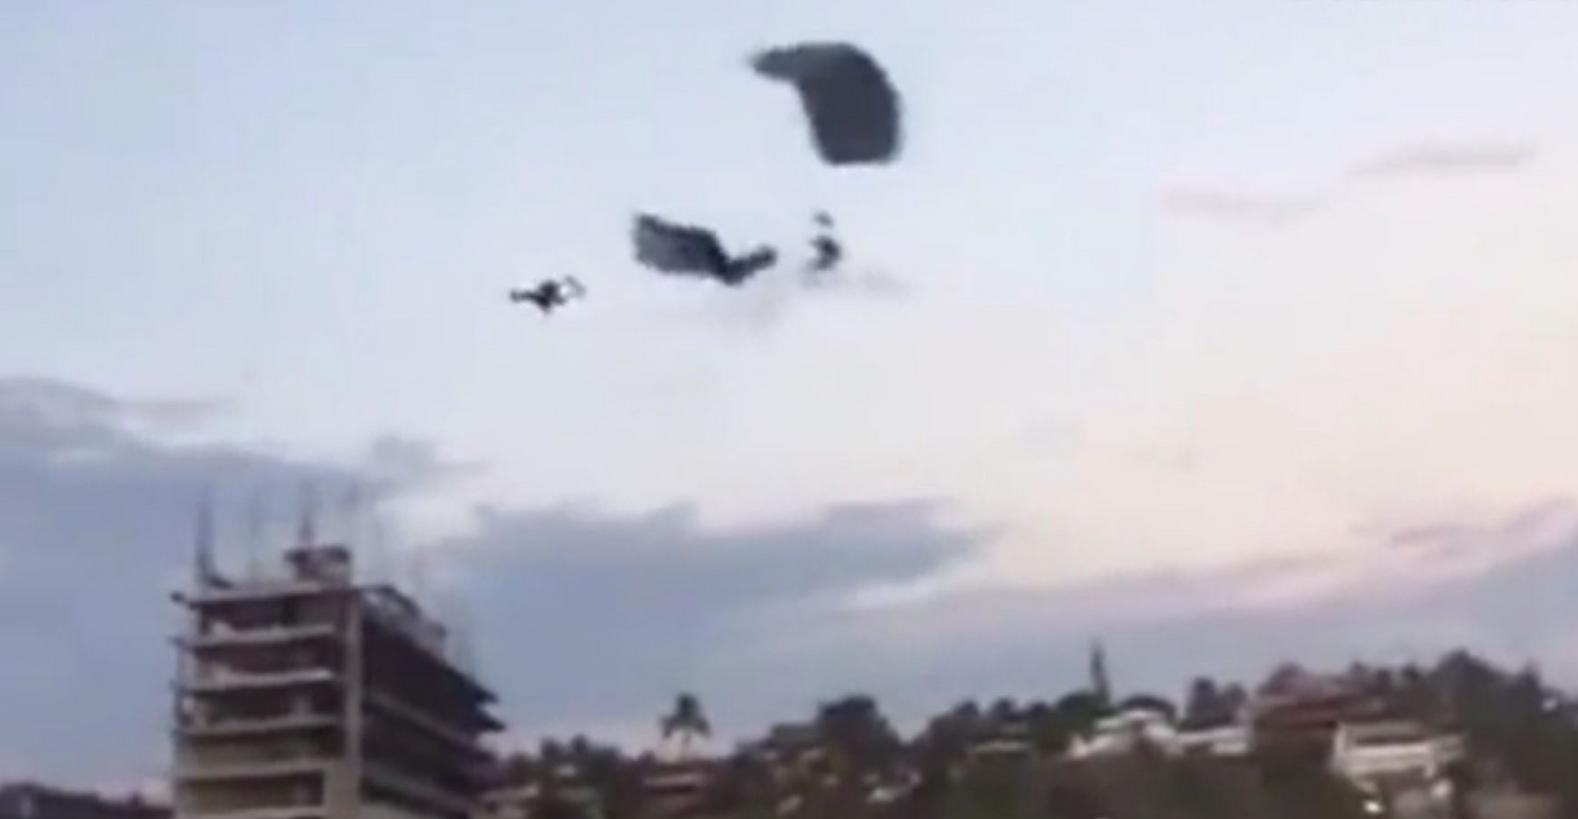 滑翔傘空中相撞 女遊客重摔地面不治